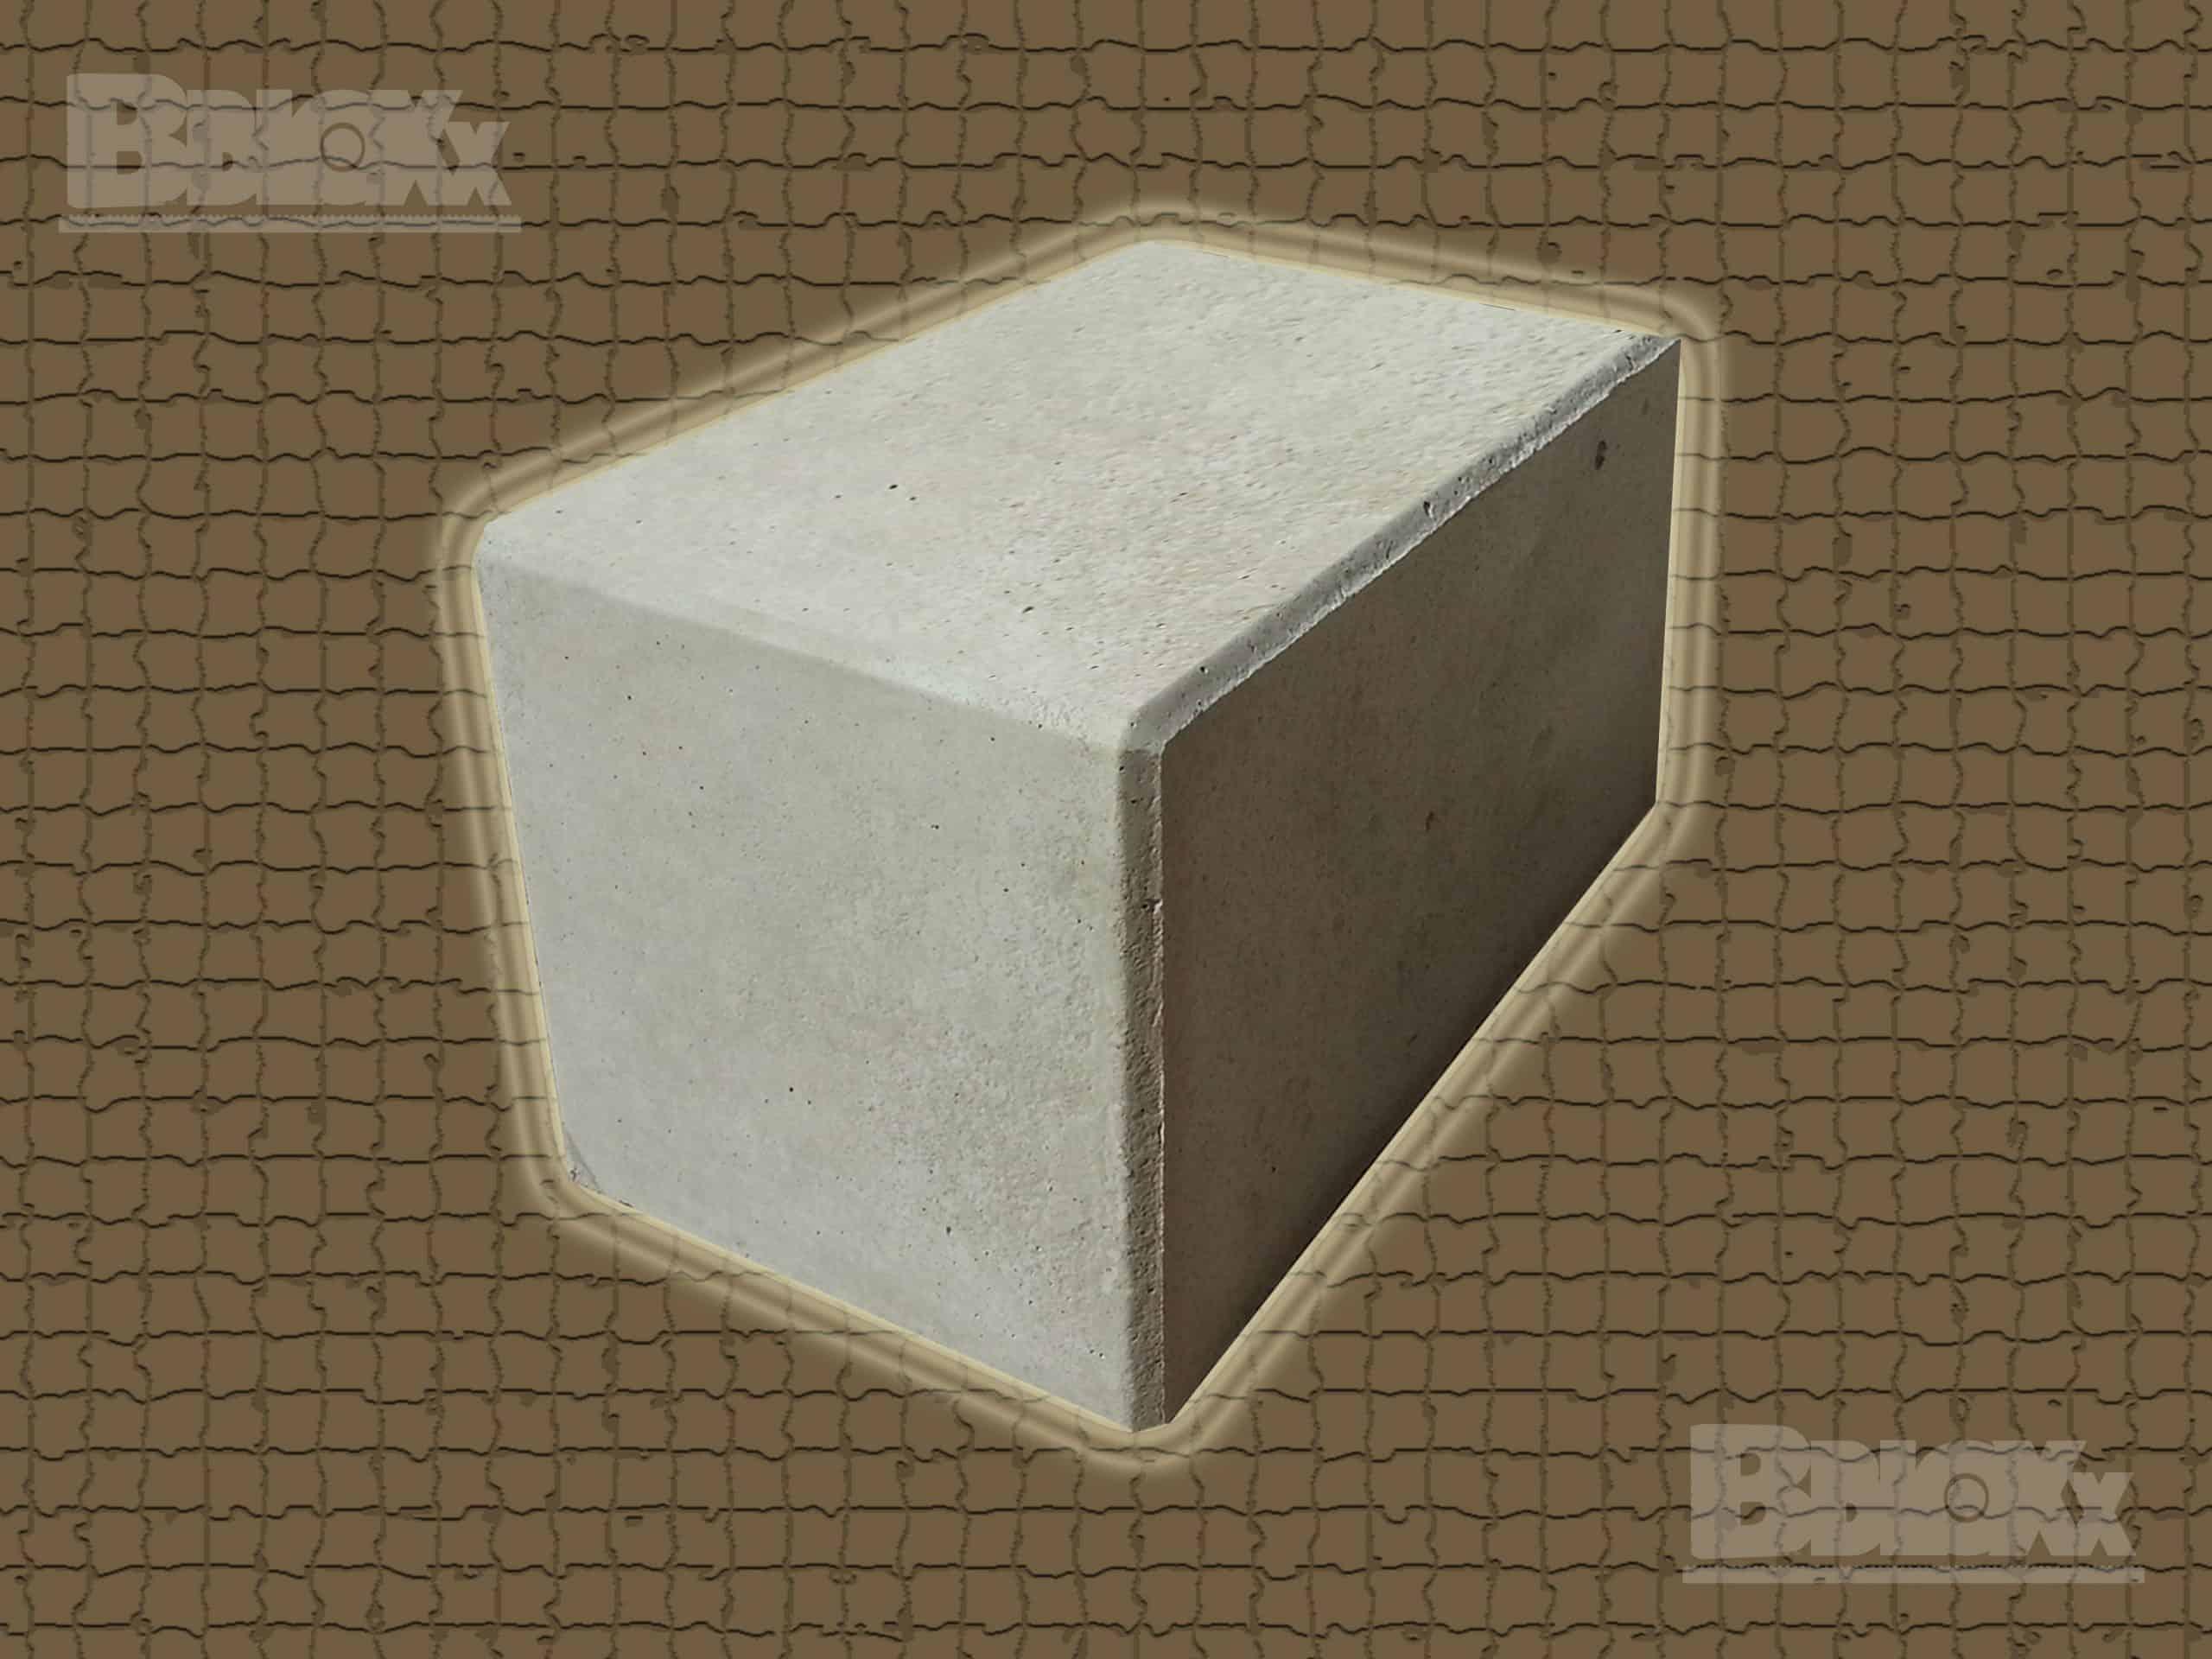 BBloxx-Schnellbaustein | 1.200 x 800 x 800 mm | Beton-Legostein, Betonblock, Beton-Stapelstein